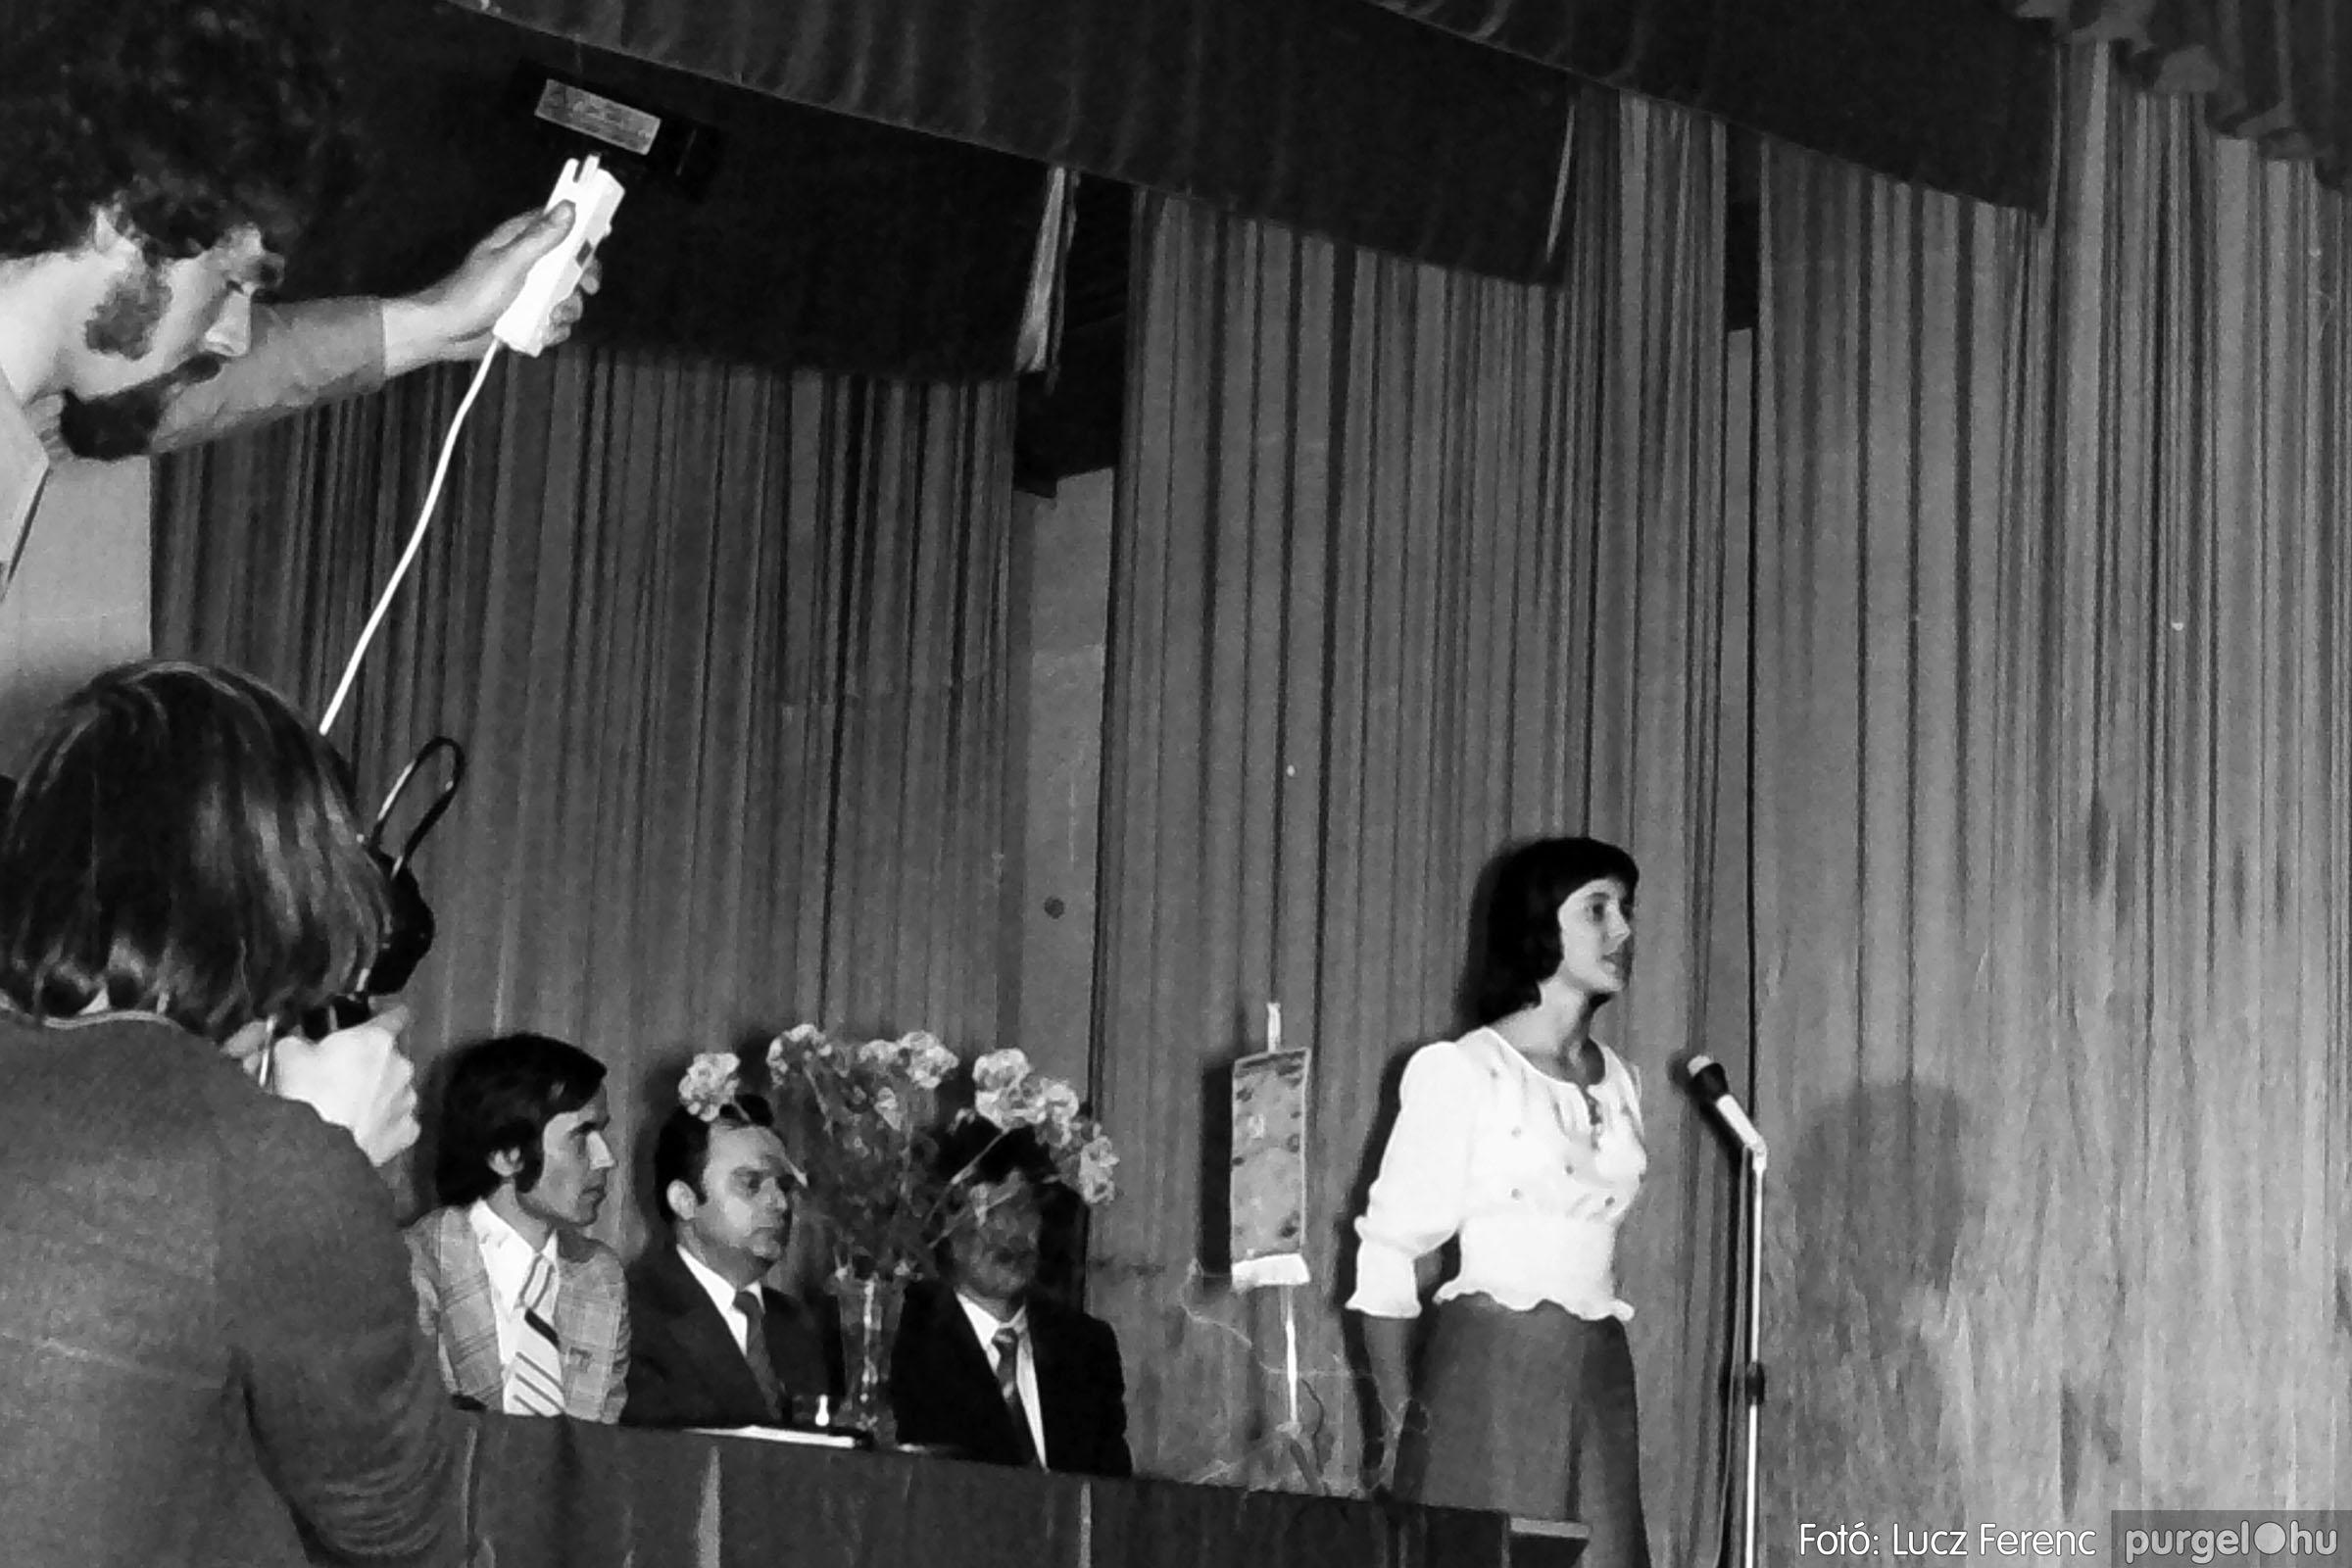 039. 1976.04.04. Április 4-i ünnepség a kultúrházban 018. - Fotó: Lucz Ferenc.jpg